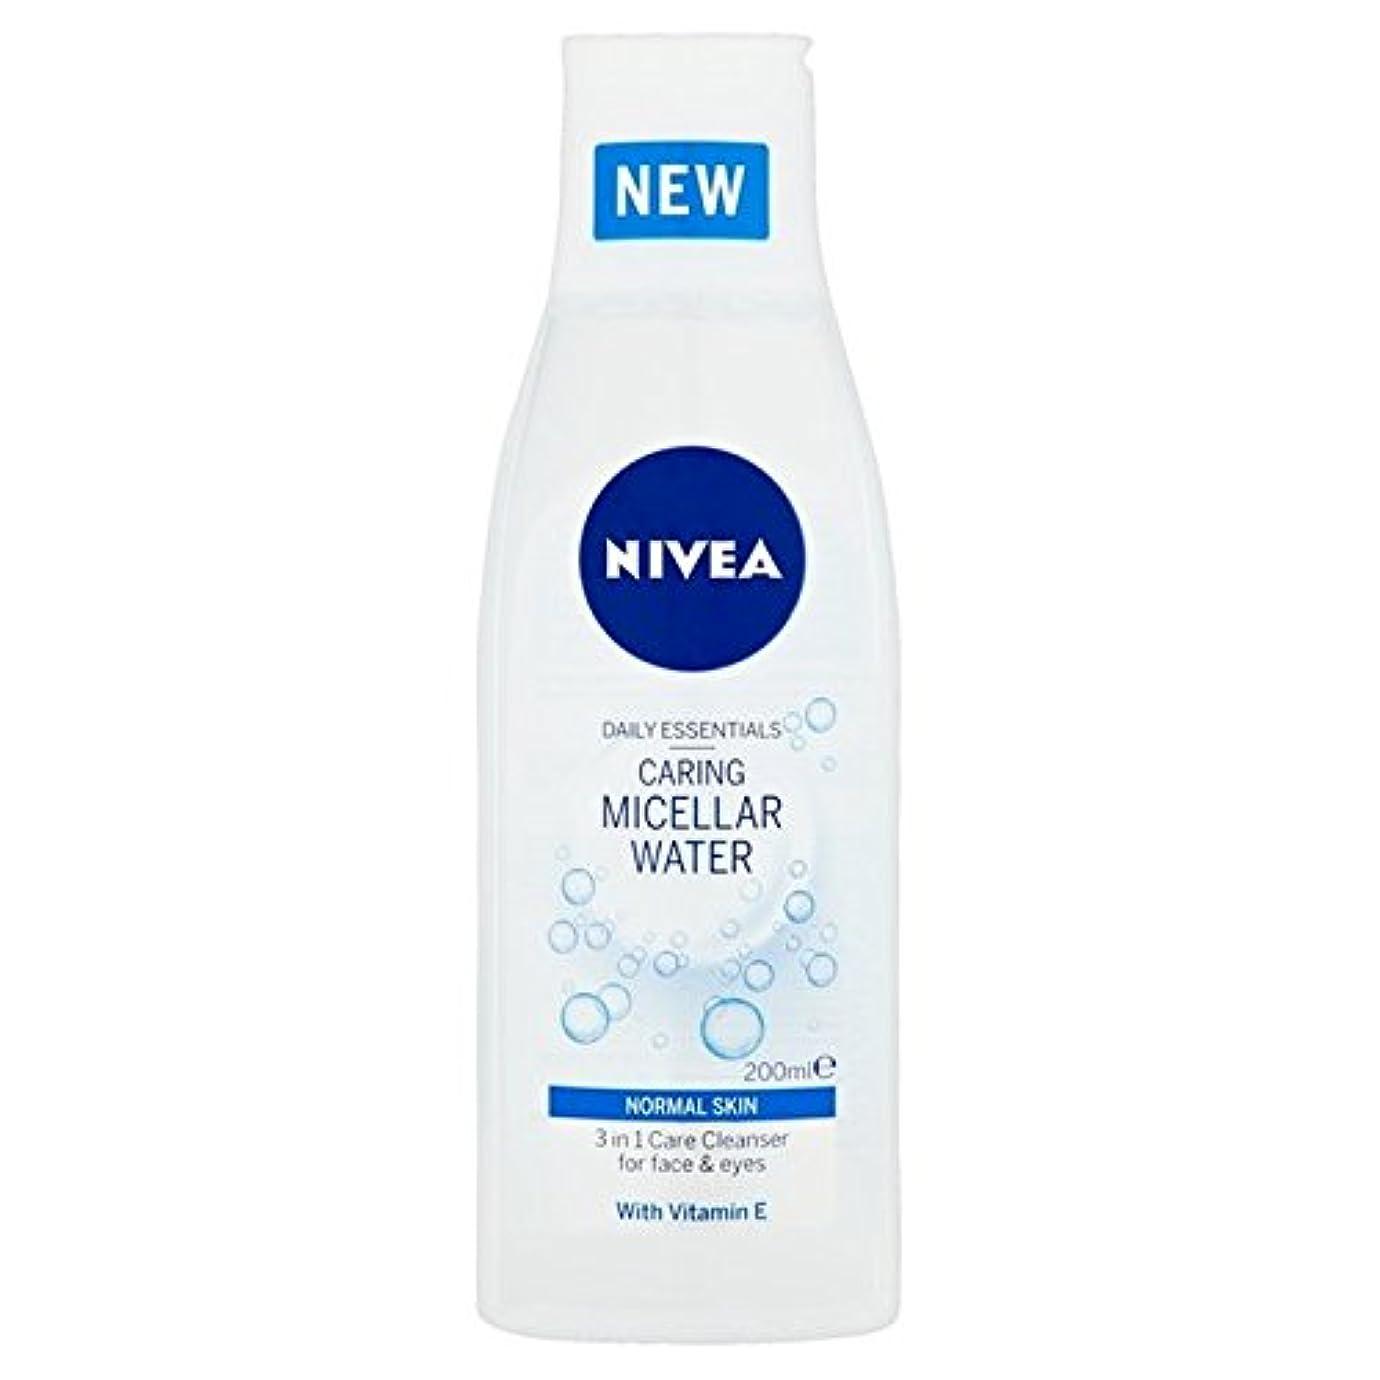 1つの敏感な思いやりのあるミセル水の正常な皮膚の200ミリリットルでニベア3 x4 - Nivea 3 in 1 Sensitive Caring Micellar Water Normal Skin 200ml (Pack...